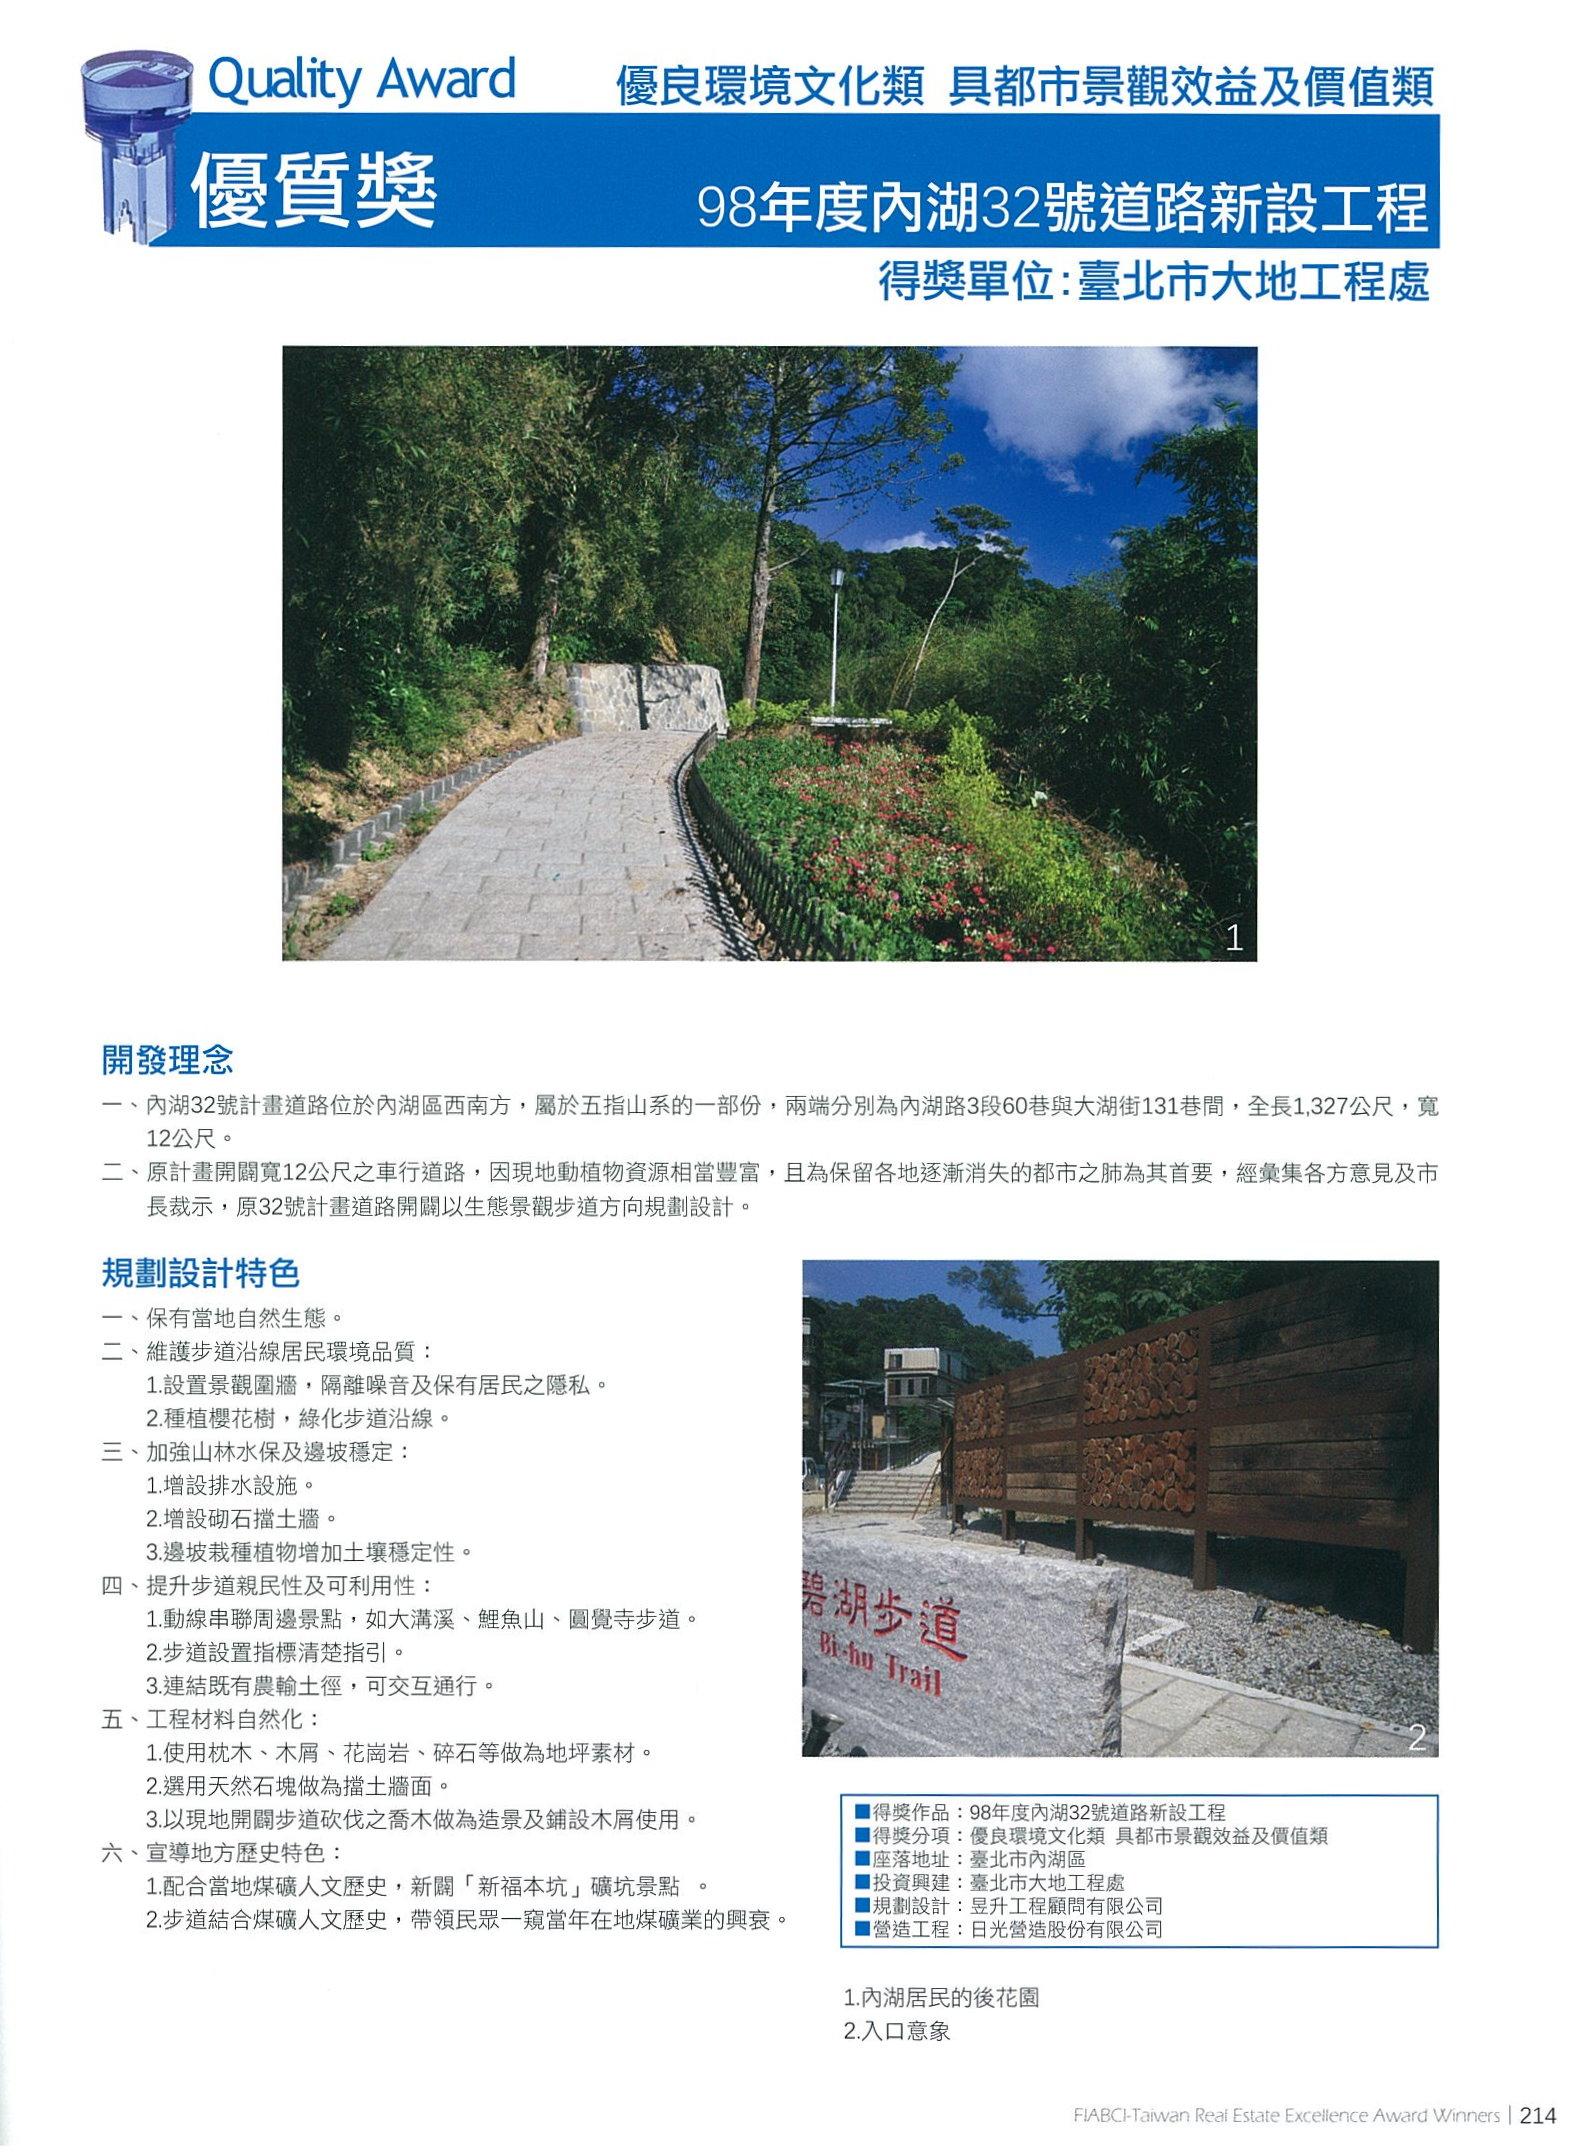 2011國家卓越建設獎-內湖32號道路